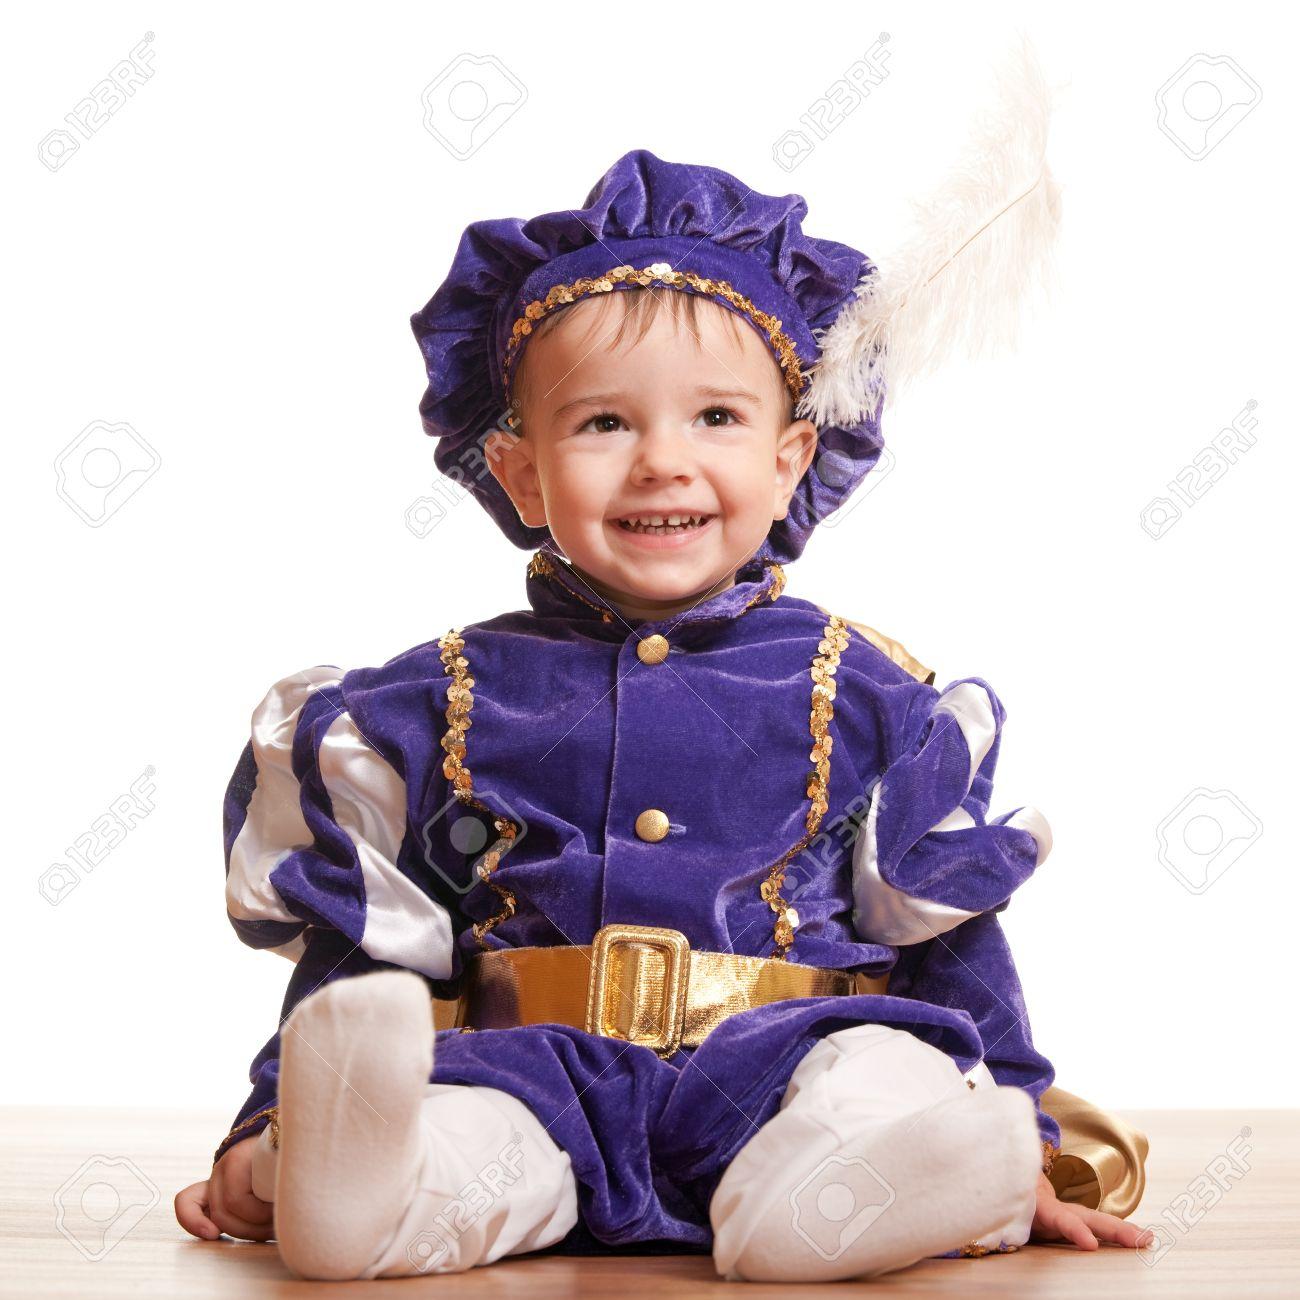 Un Retrato De Una Sesión Niño Pequeño En Un Traje De Carnaval Del ...